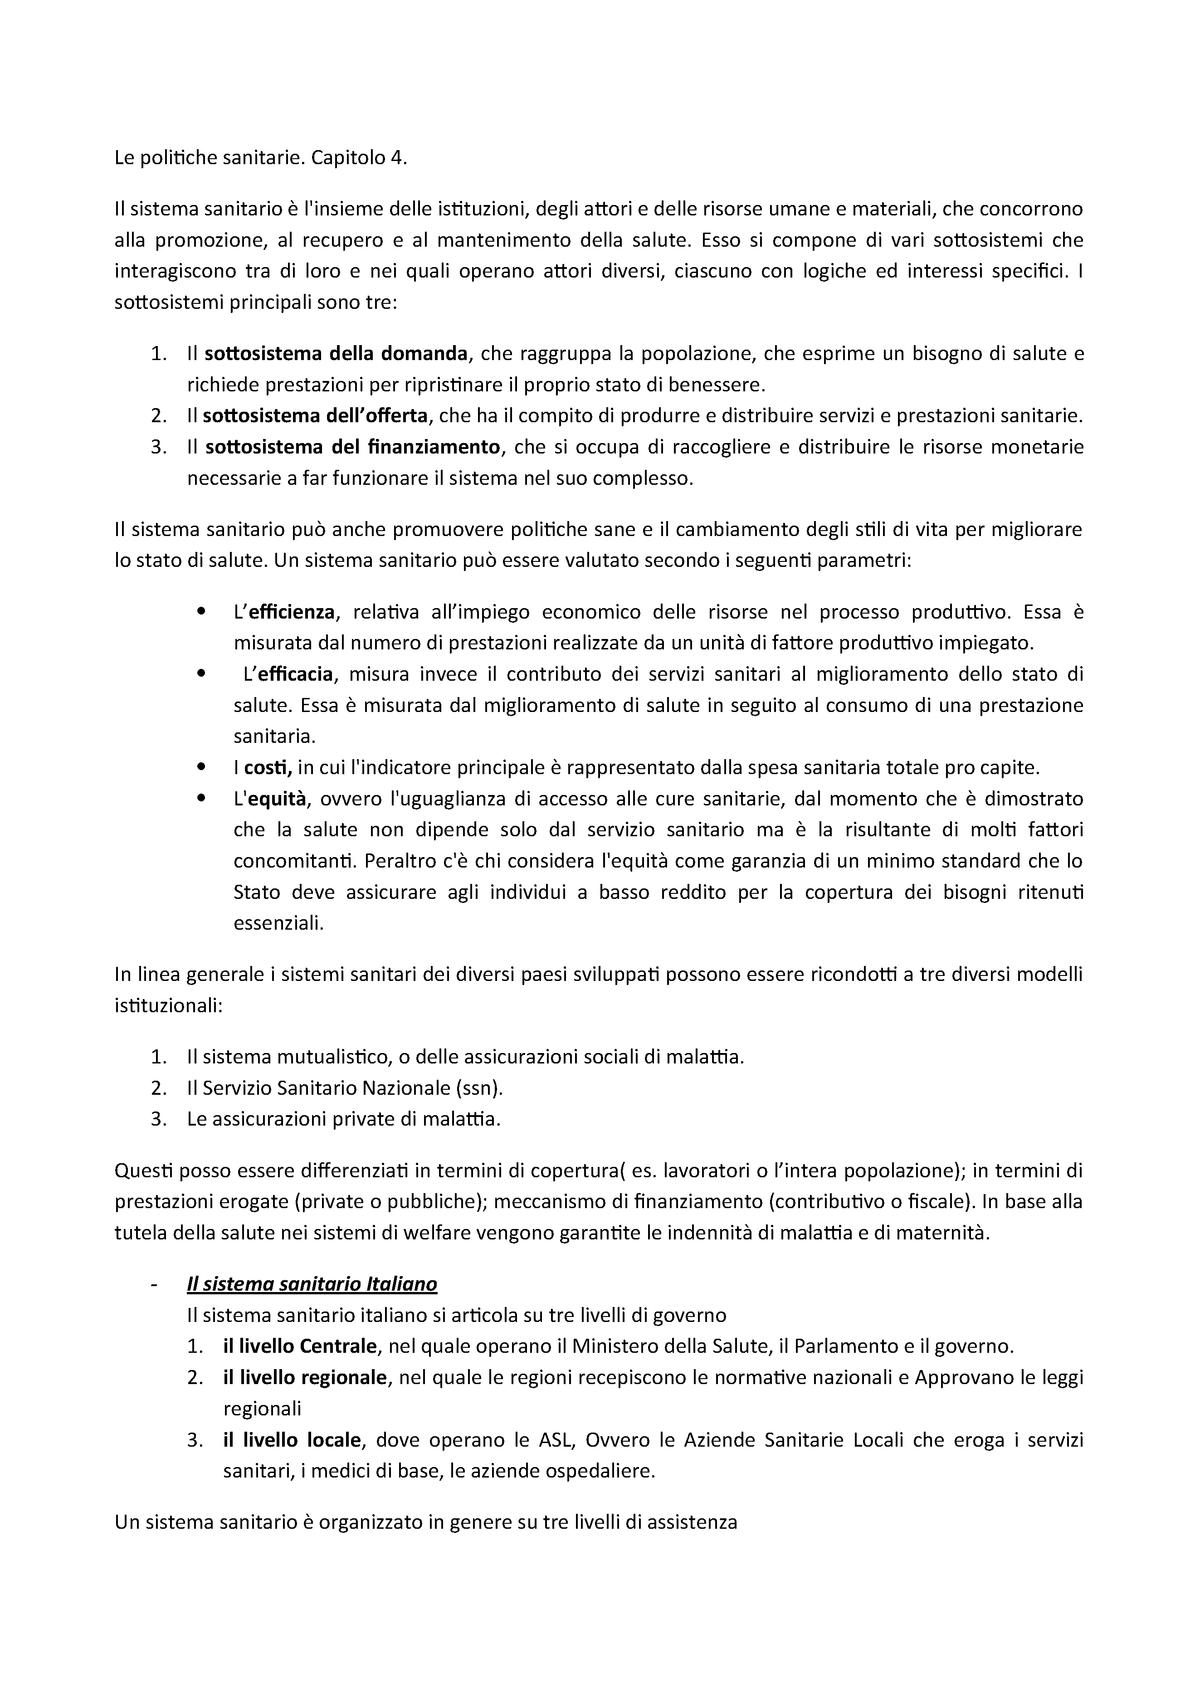 Capitolo 4 Le Politiche Sanitarie Politica Sociale Studocu